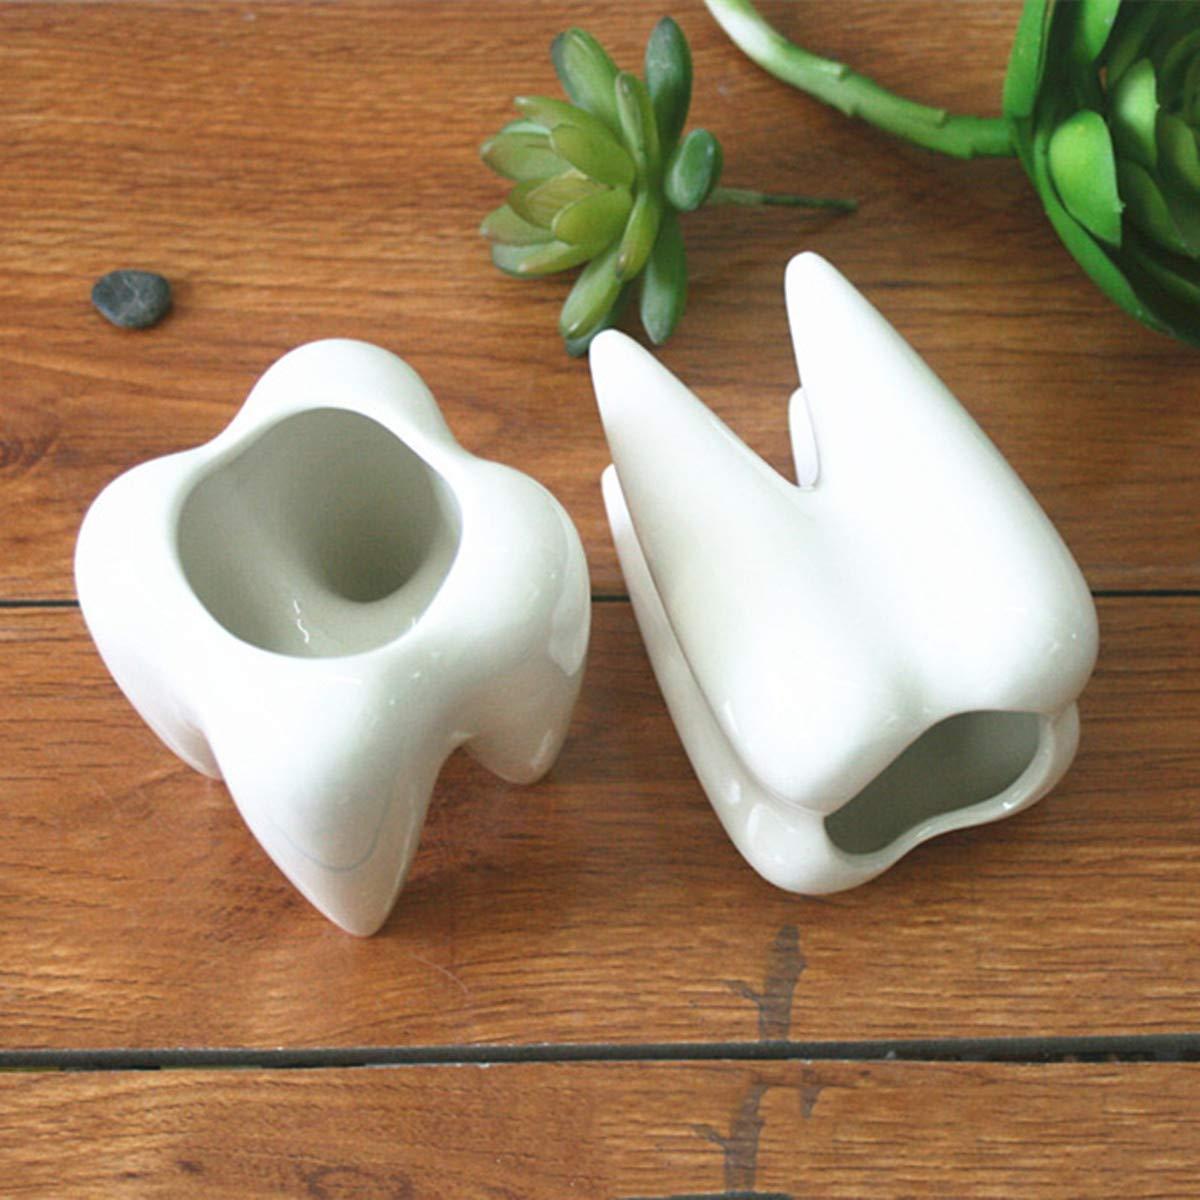 Lovinn - Juego de 2 macetas de cerá mica para jardí n, diseñ o de dientes, color blanco diseño de dientes